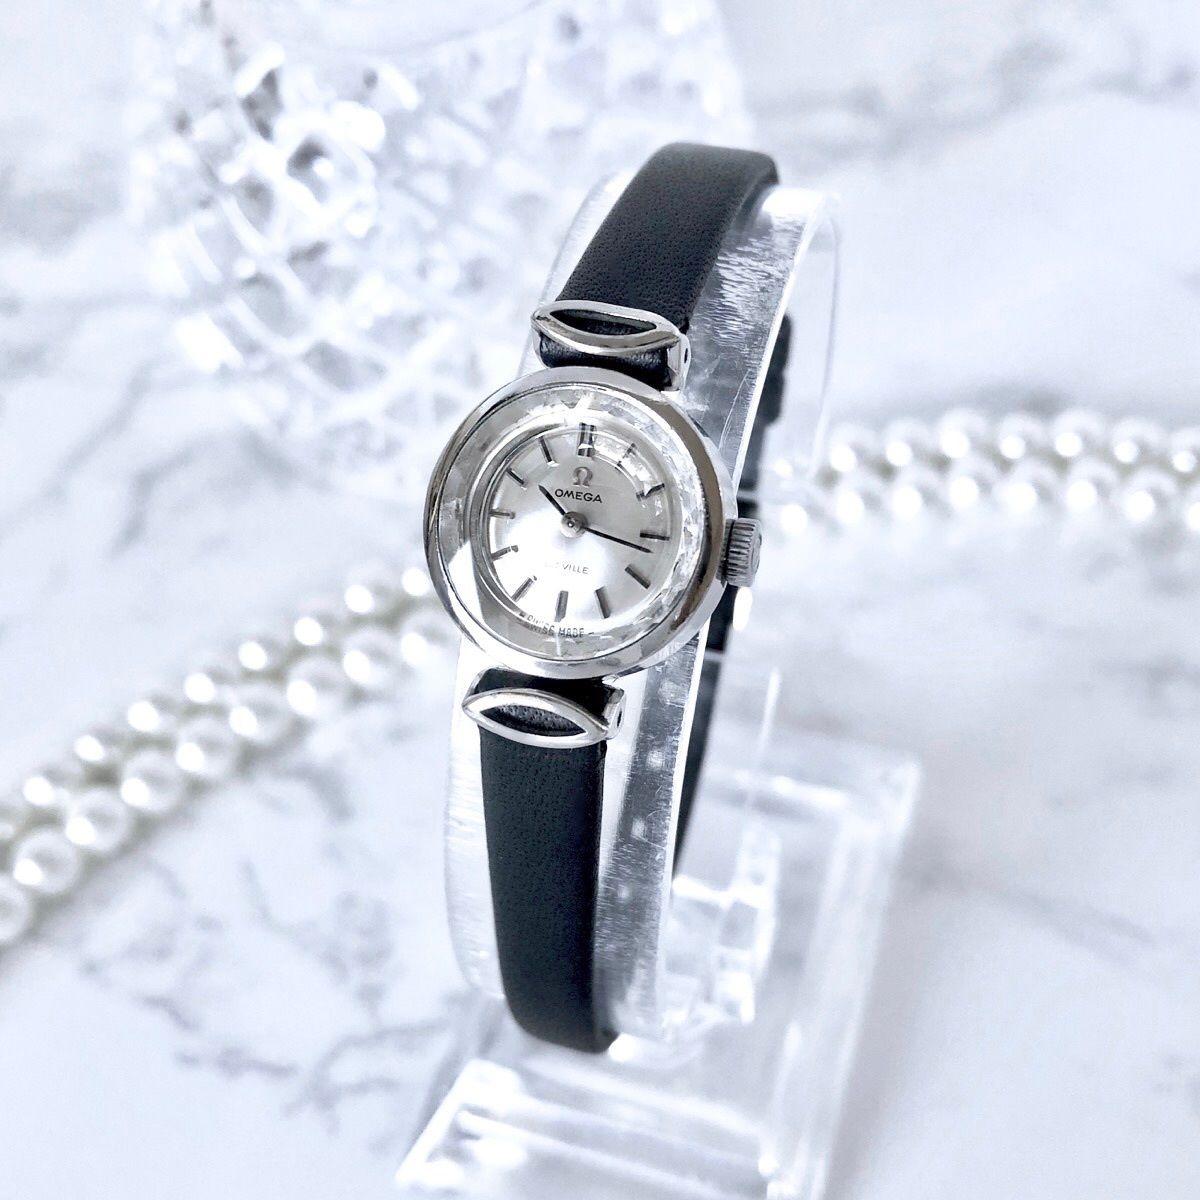 OMEGA オメガ カットガラス シルバー 手巻き レディース 腕時計